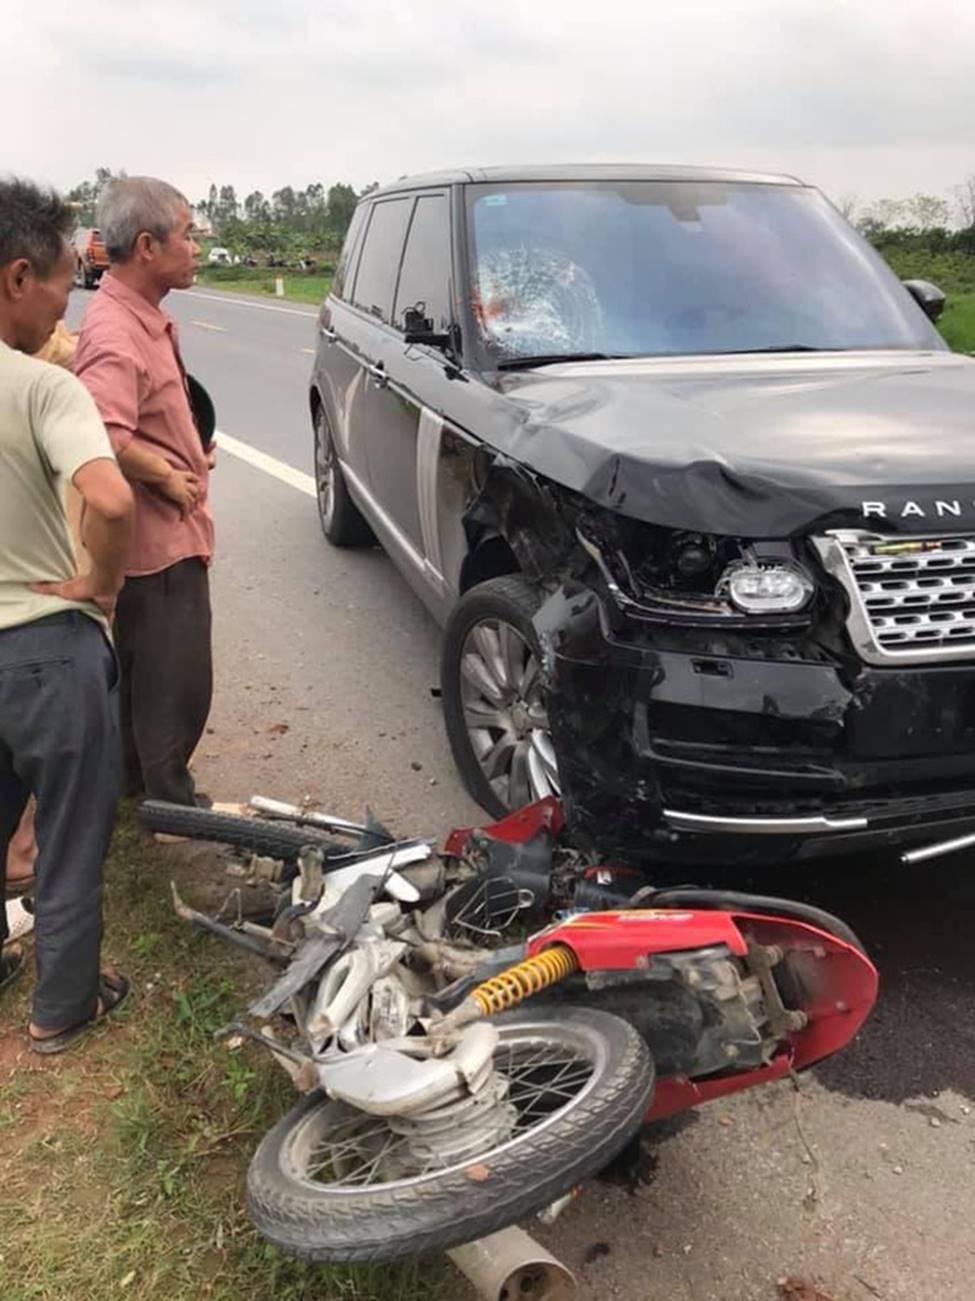 Hưng Yên: Chồng tử vong, vợ nguy kịch sau khi va chạm với xe Range Rover-3